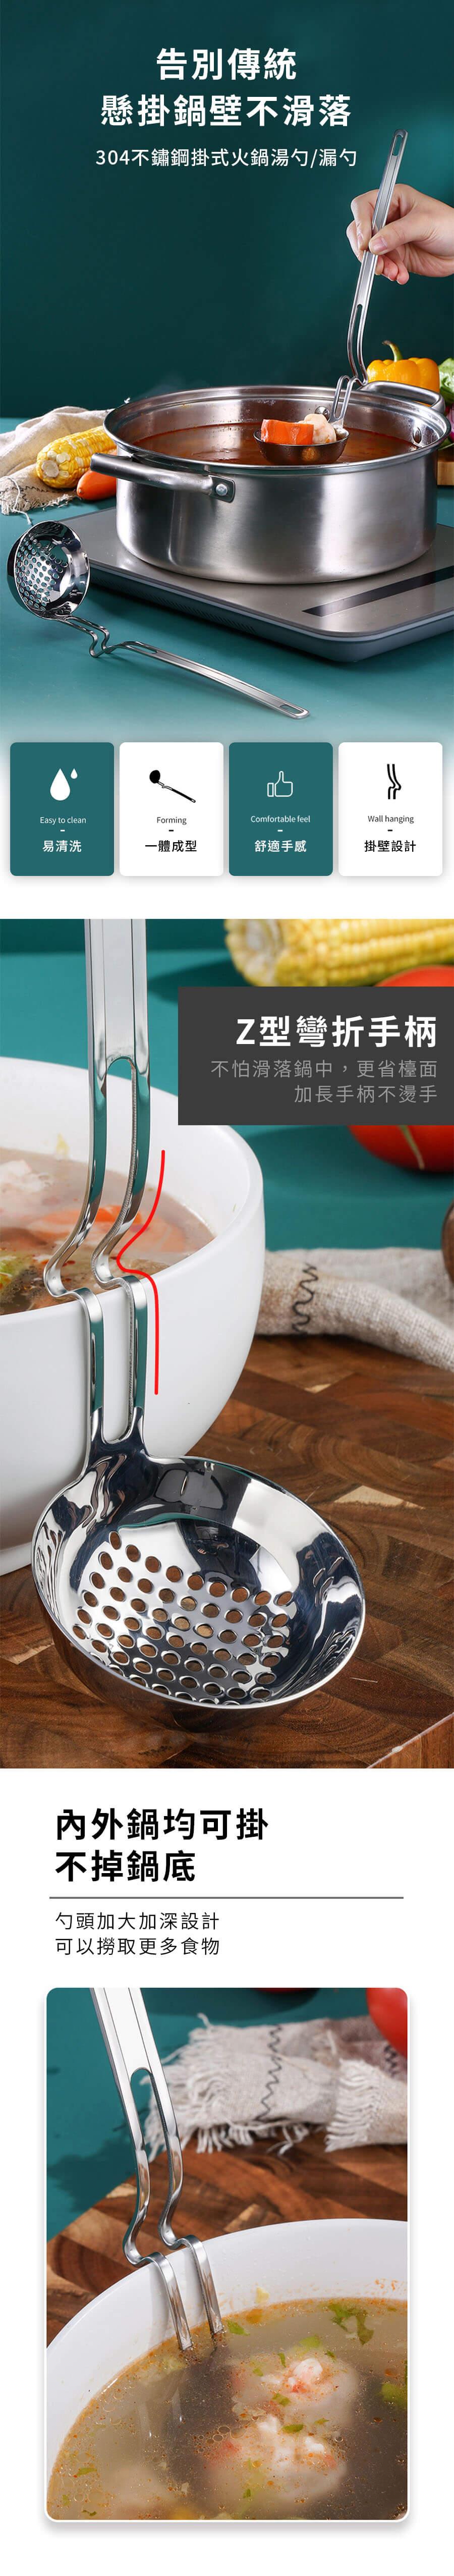 不鏽鋼掛式火鍋湯勺漏勺_PDP_20200414_1.jpg